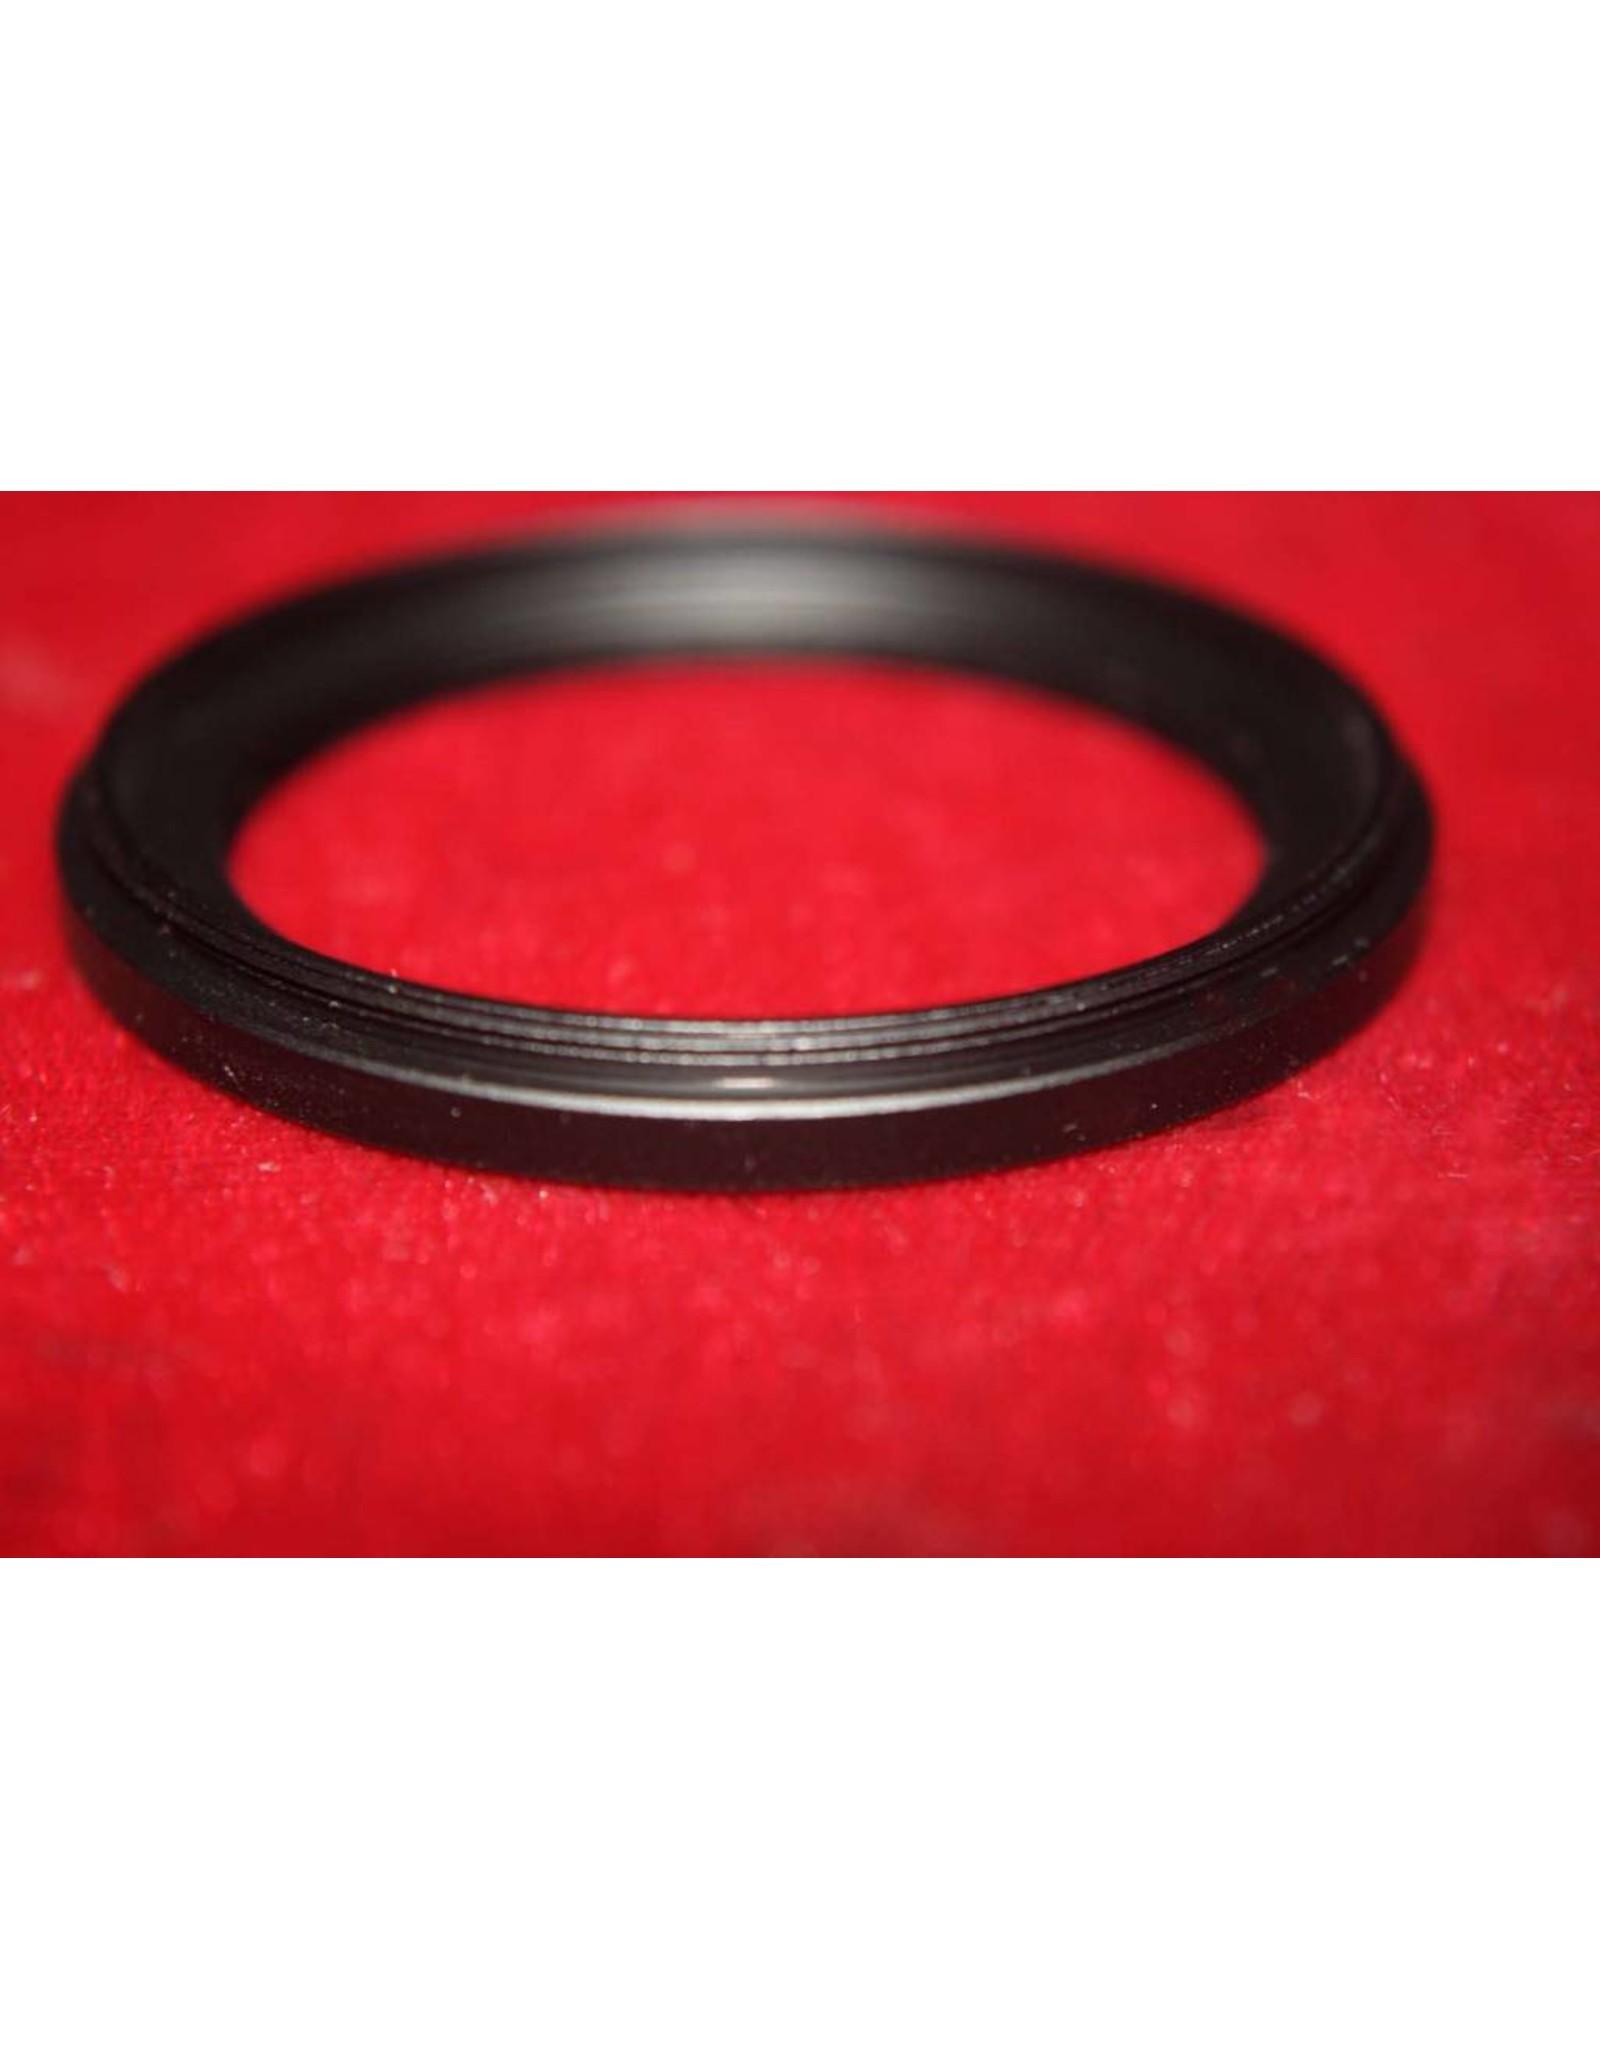 52mm-42mm (T Thread) Adapter